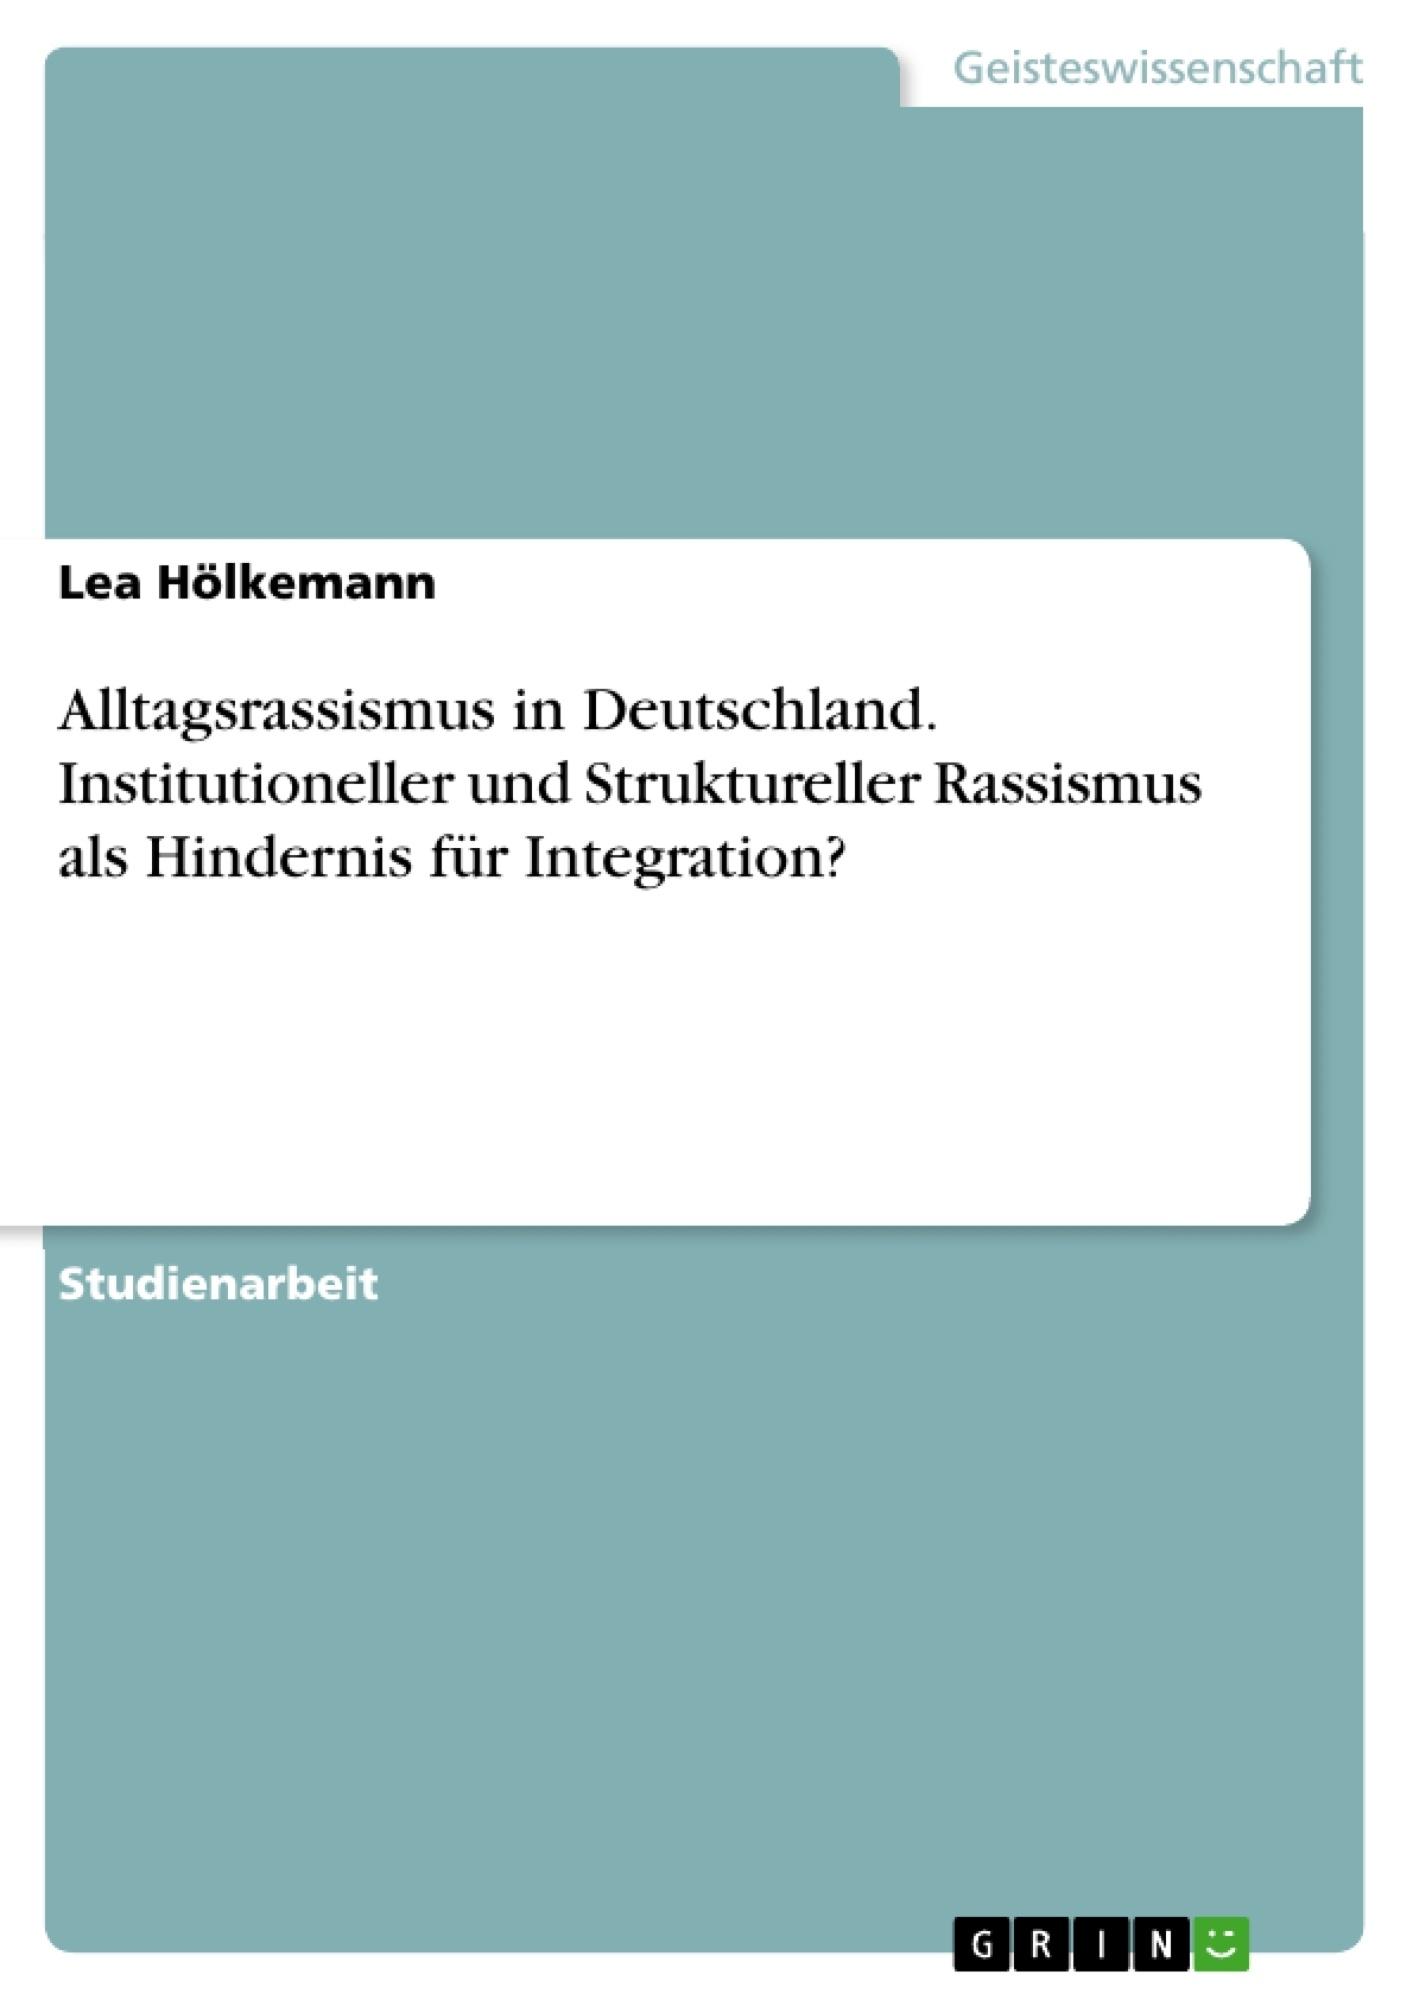 Titel: Alltagsrassismus in Deutschland. Institutioneller und Struktureller Rassismus als Hindernis für Integration?